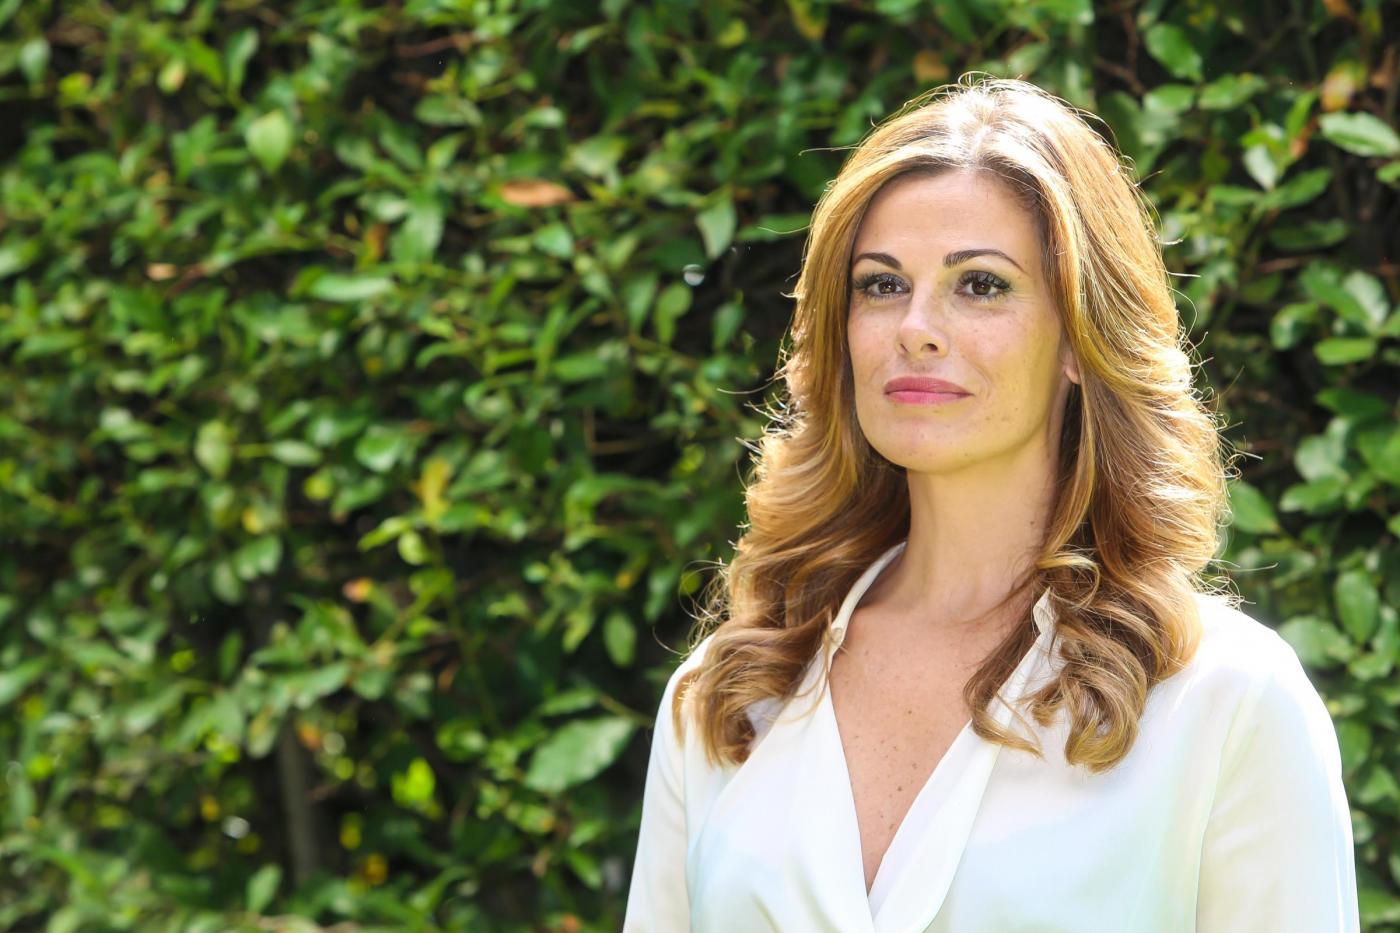 Vanessa Incontrada, no a Sanremo: la carriera di attrice ha la precedenza su tutto